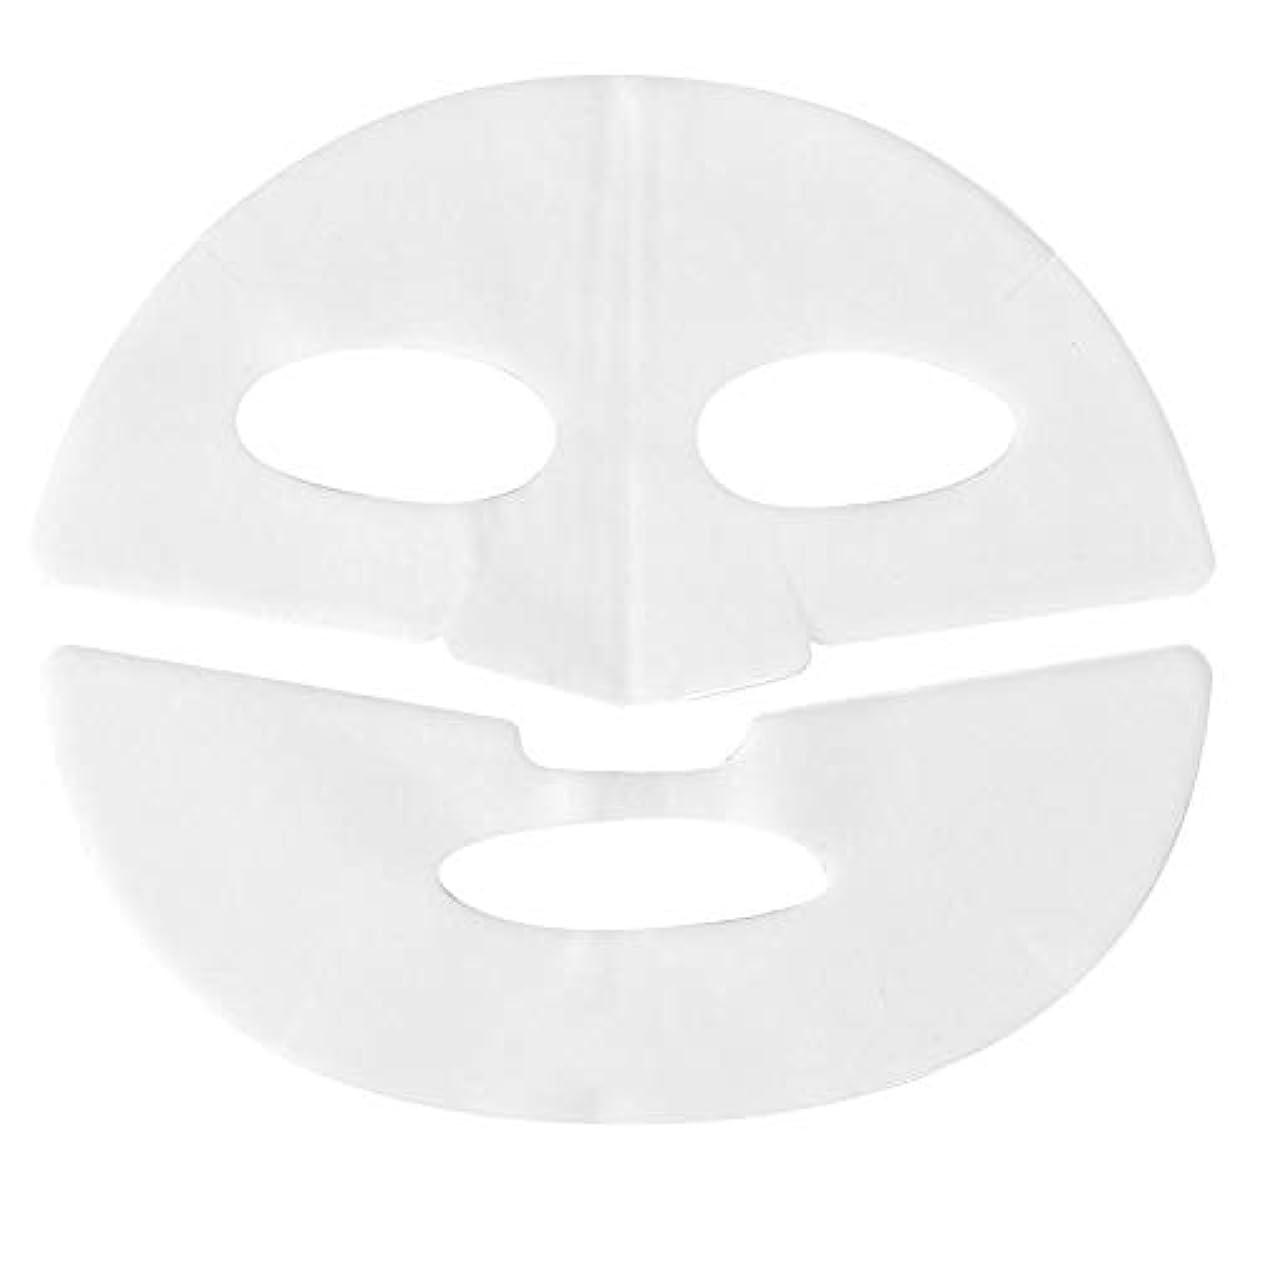 うねるトラクター移動する10 PCS痩身マスク - 水分補給用V字型マスク、保湿マスク - 首とあごのリフト、アンチエイジング、しわを軽減